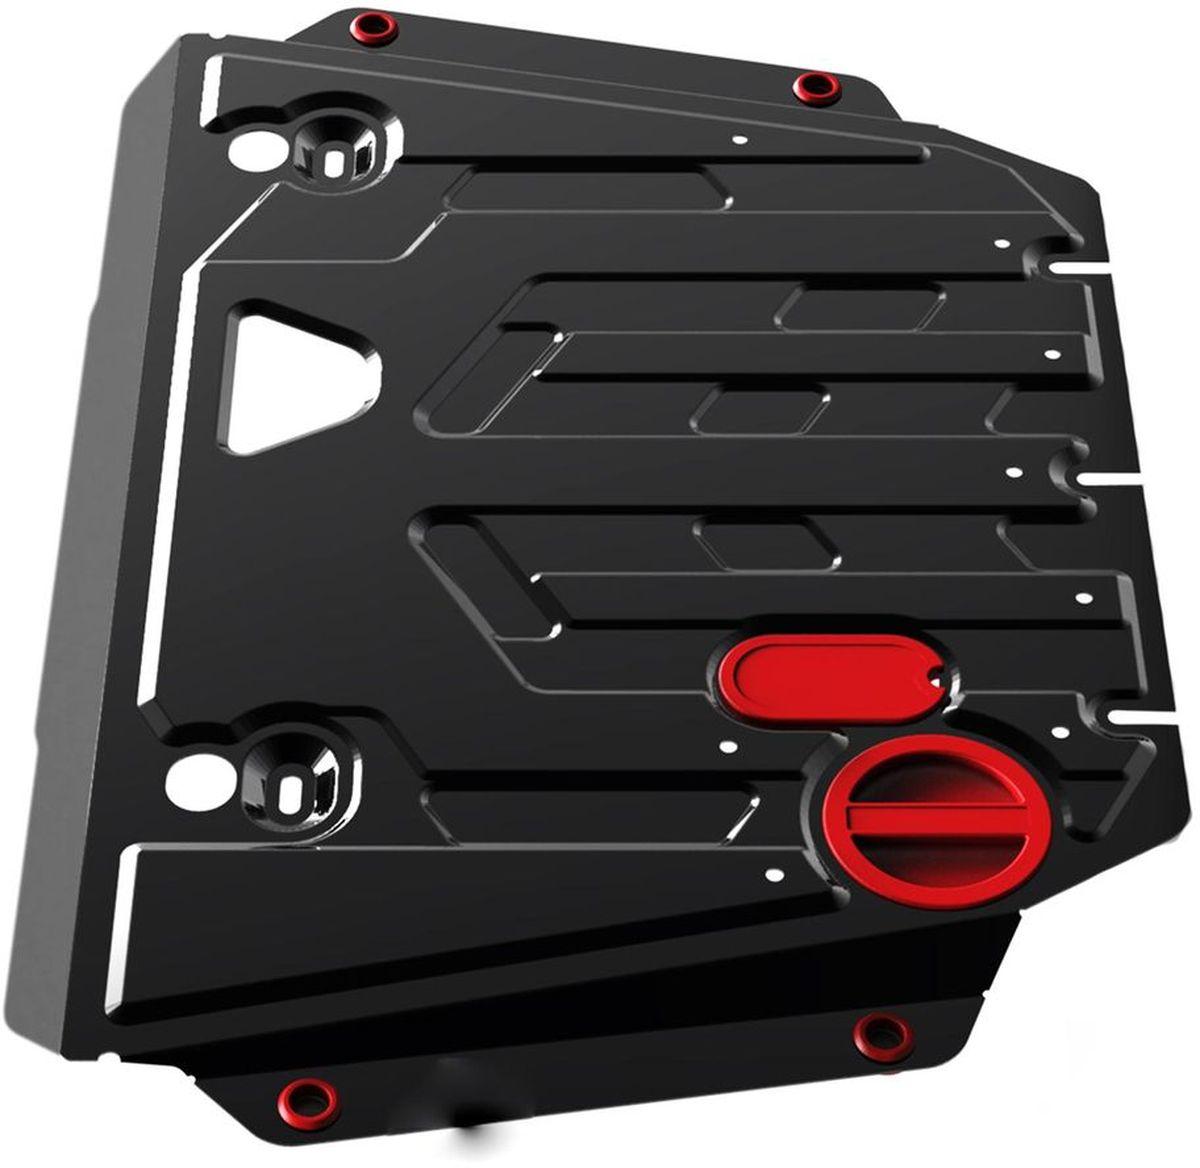 Защита картера и КПП Автоброня, для Citroen C8, V - 2,0 (2002-2005)111.01207.1Технологически совершенный продукт за невысокую стоимость. Защита разработана с учетом особенностей днища автомобиля, что позволяет сохранить дорожный просвет с минимальным изменением. Защита устанавливается в штатные места кузова автомобиля. Глубокий штамп обеспечивает до двух раз больше жесткости в сравнении с обычной защитой той же толщины. Проштампованные ребра жесткости препятствуют деформации защиты при ударах. Тепловой зазор и вентиляционные отверстия обеспечивают сохранение температурного режима двигателя в норме. Скрытый крепеж предотвращает срыв крепежных элементов при наезде на препятствие. Шумопоглощающие резиновые элементы обеспечивают комфортную езду без вибраций и скрежета металла, а съемные лючки для слива масла и замены фильтра - экономию средств и время. Конструкция изделия не влияет на пассивную безопасность автомобиля (при ударе защита не воздействует на деформационные зоны кузова). Со штатным крепежом. В комплекте инструкция по установке....